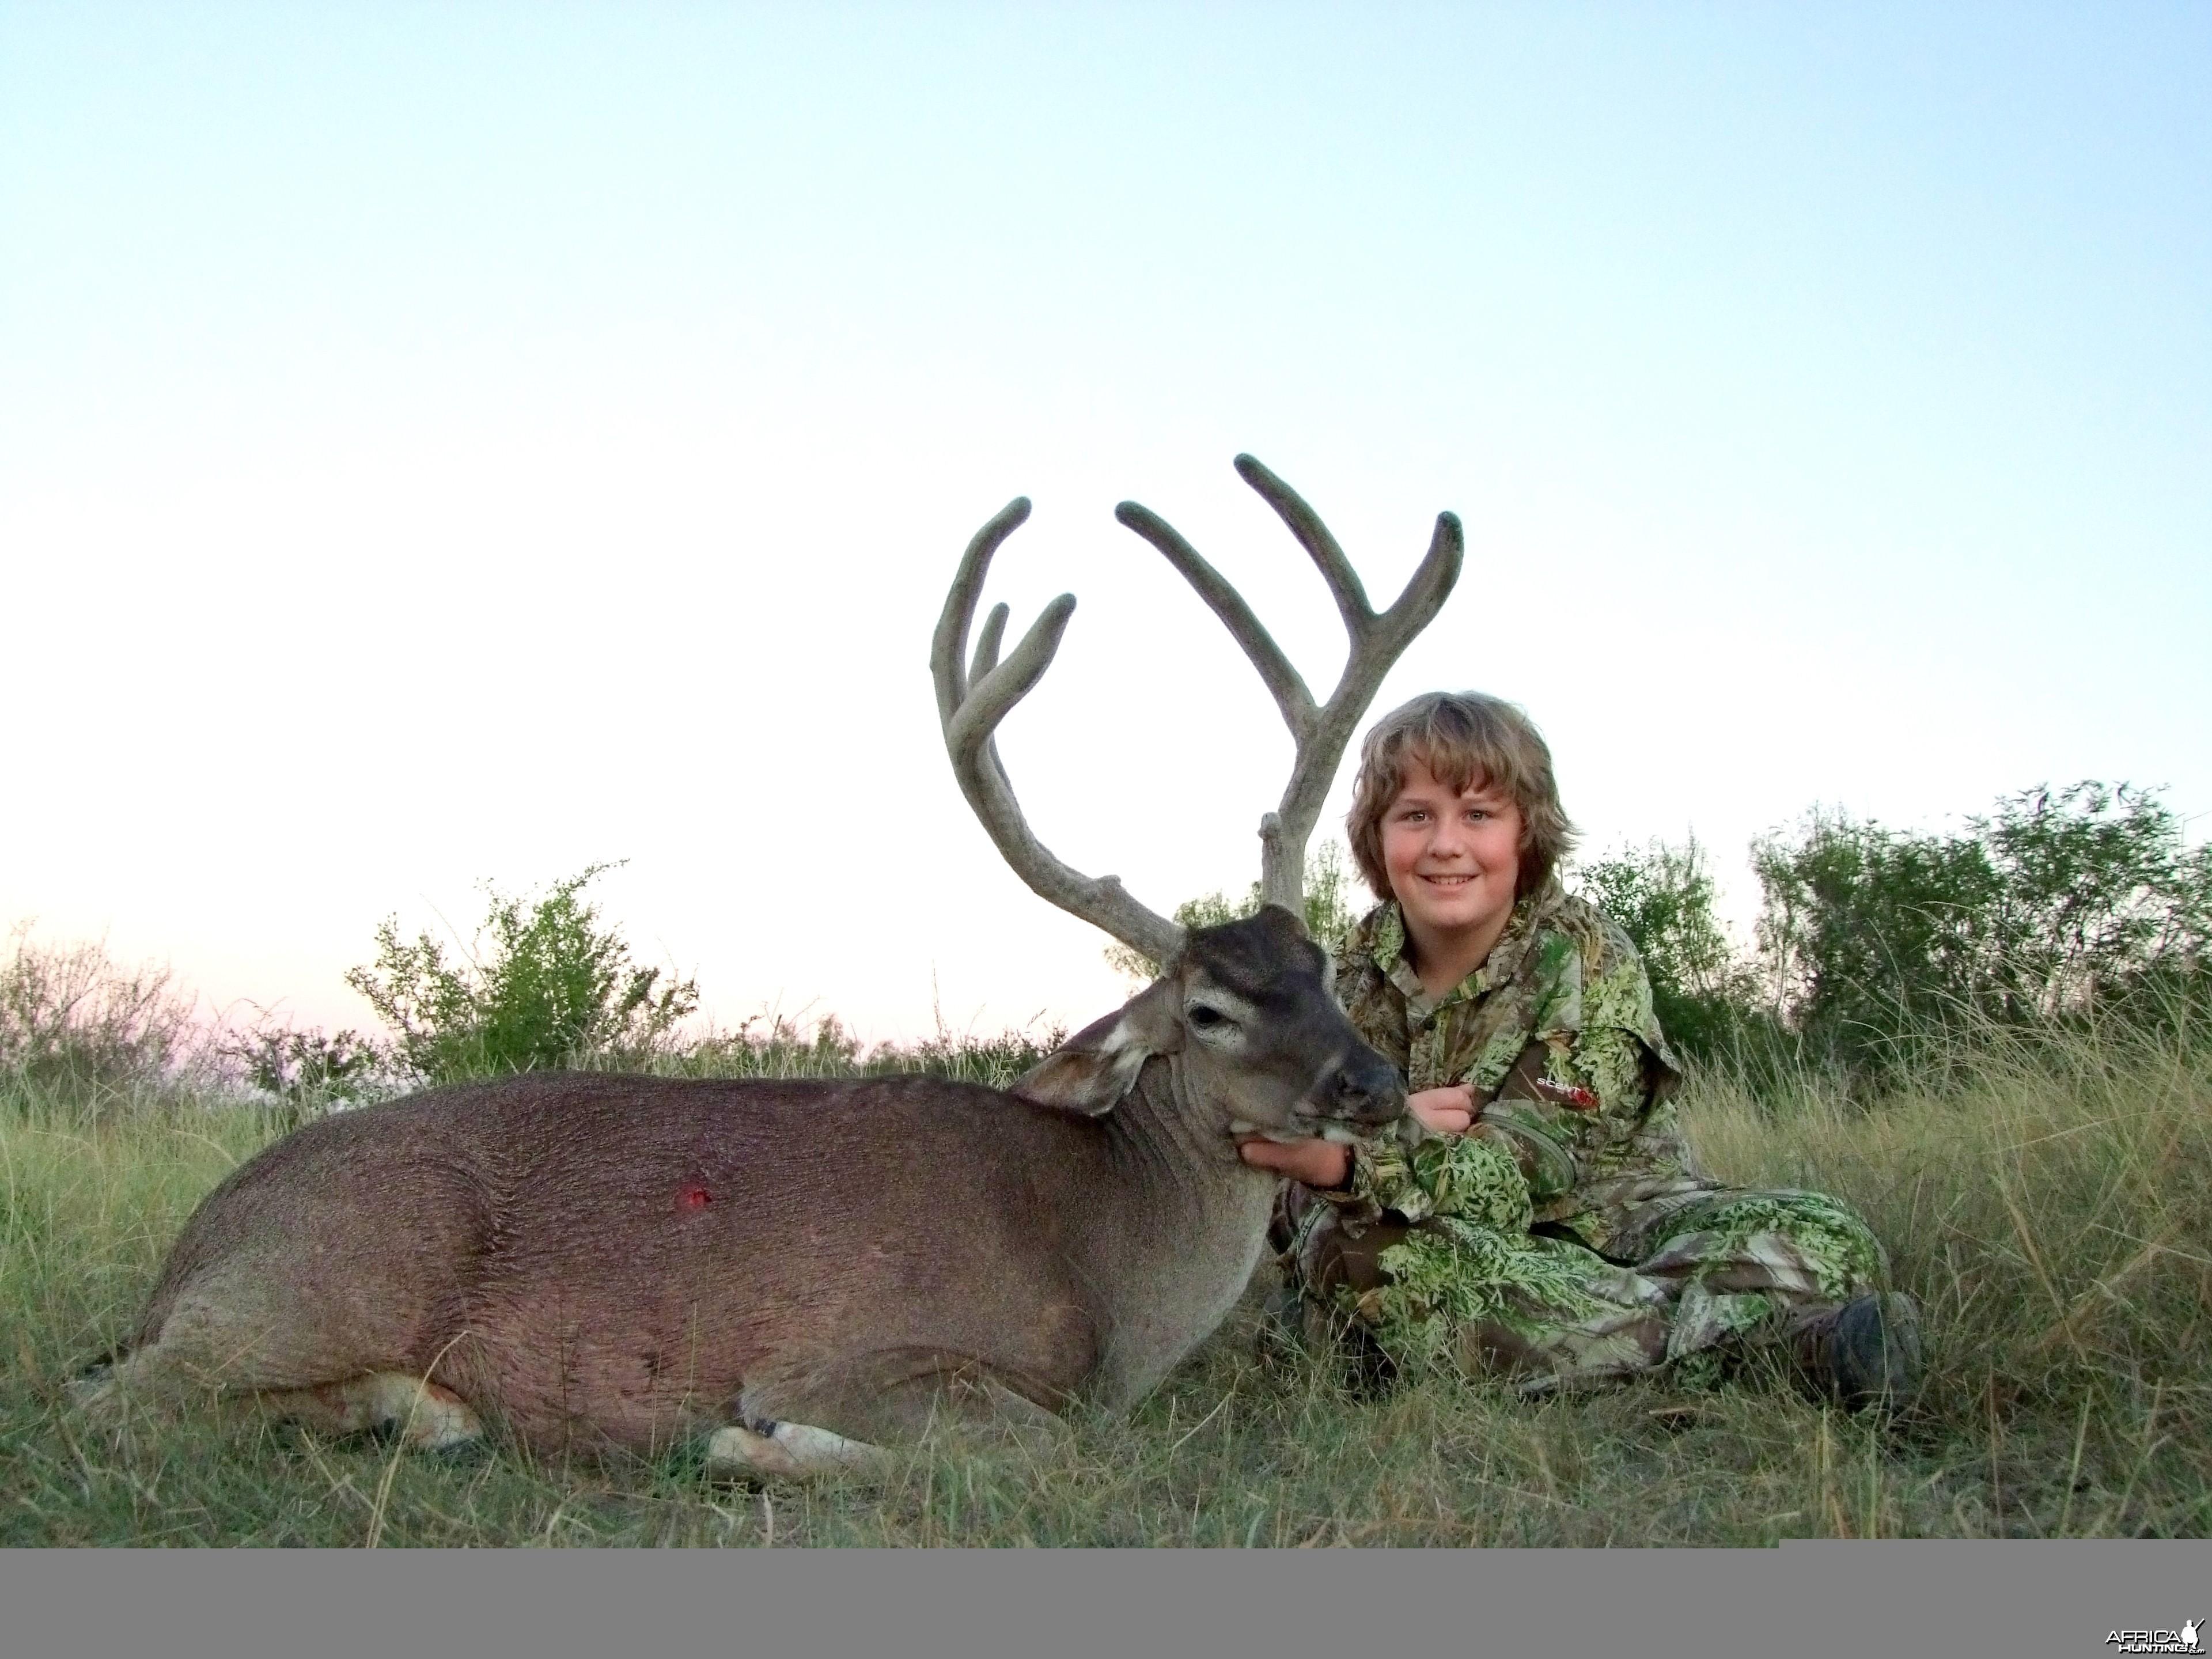 2010 Texas